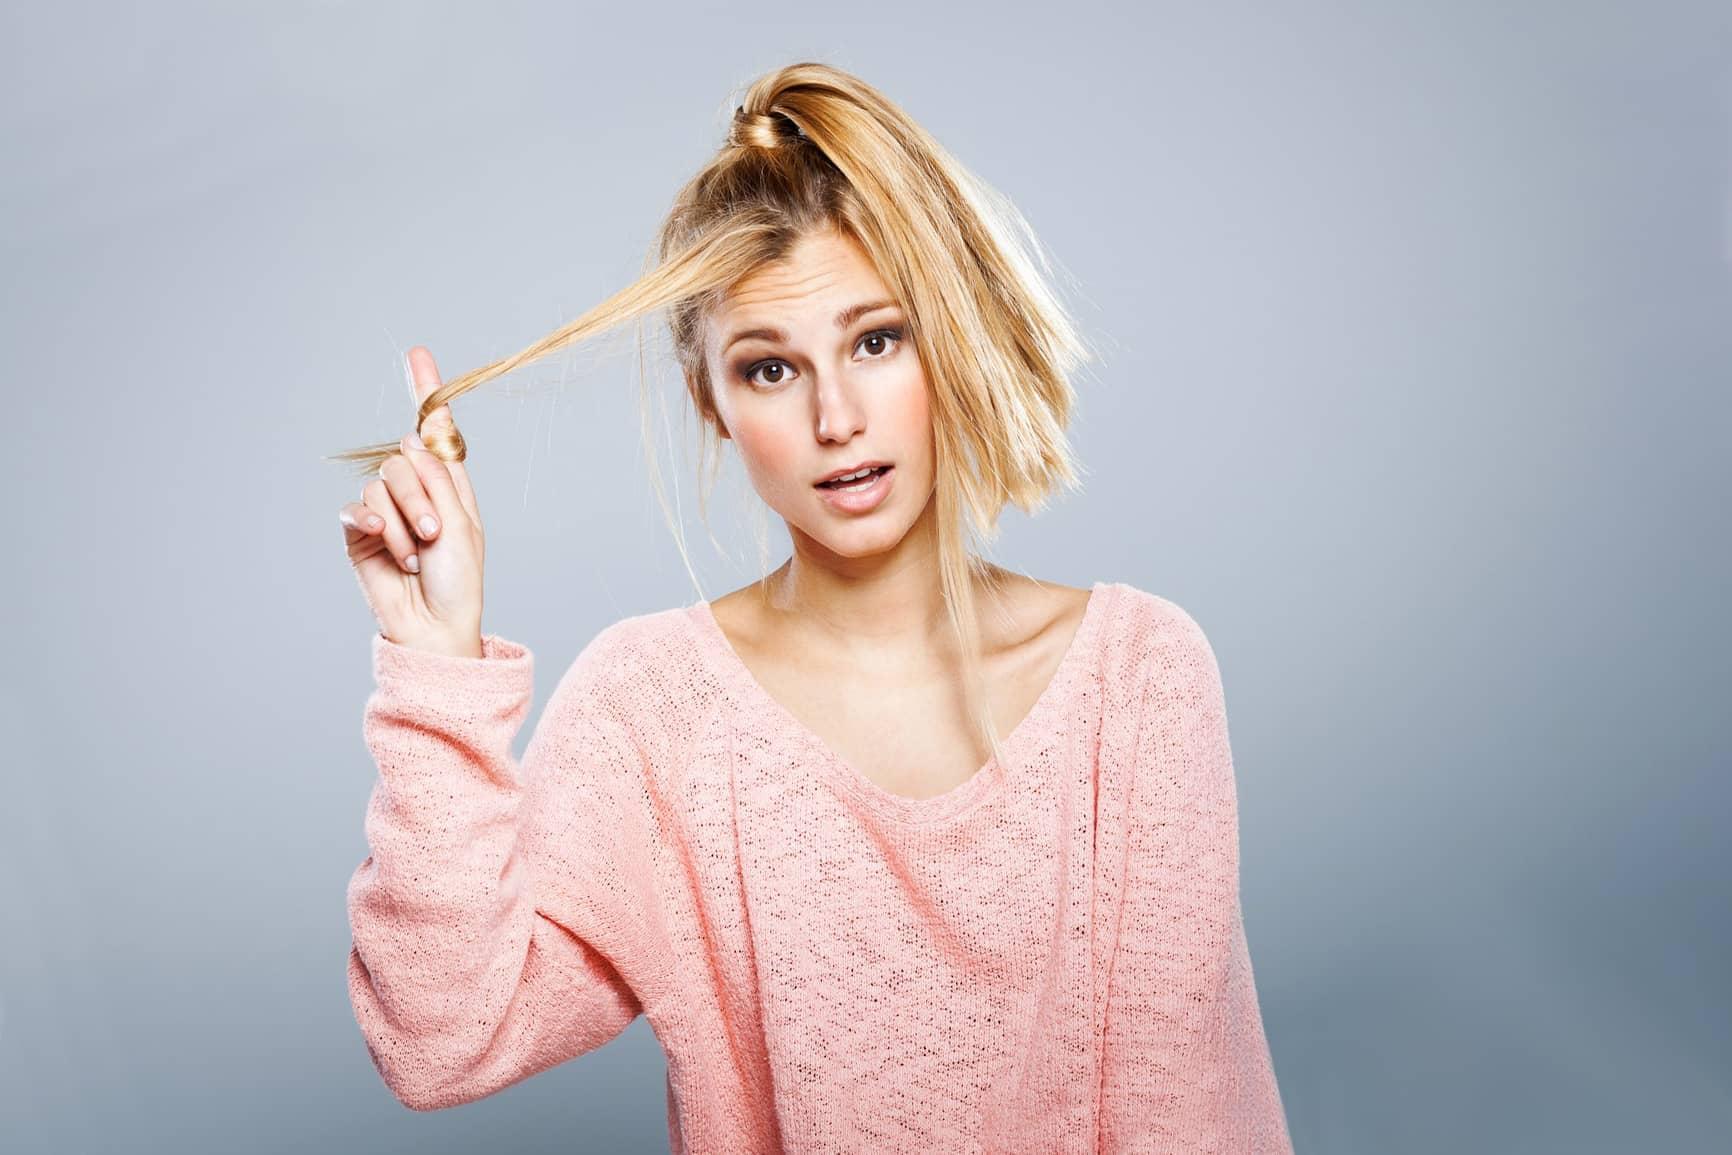 Тонкие окрашенные волосы требуют большего и частого ухода, чем густые